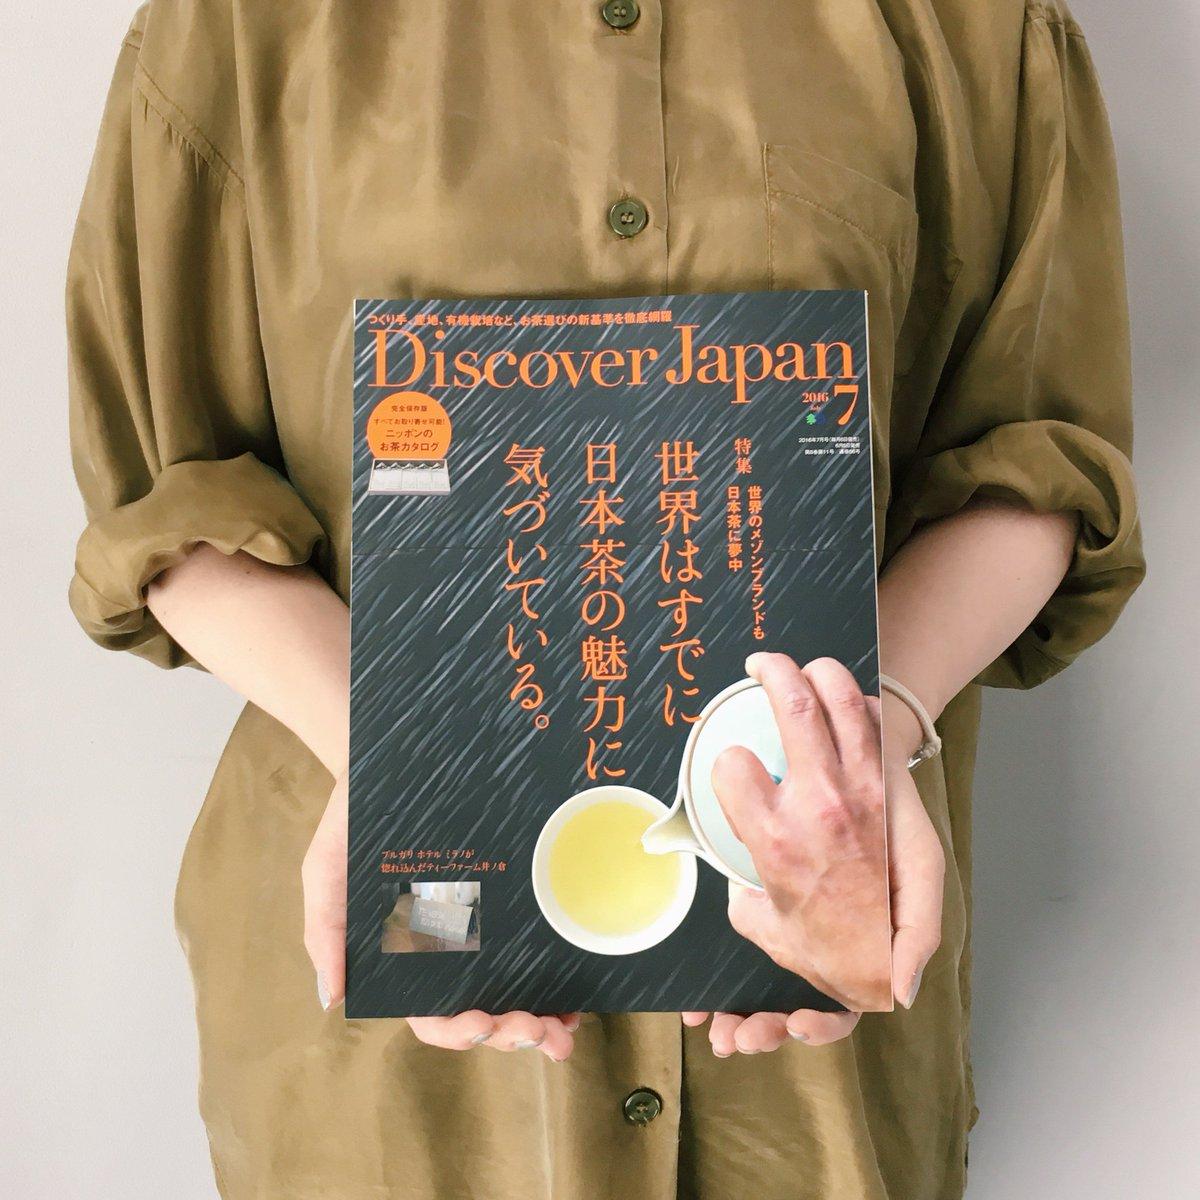 【本日発売 】Discover Japan 7月号 「世界はすでに日本茶の魅力に気づいている。」本日6日発売です!ワインやコーヒーを探すように、お気に入りの茶葉を選んでみませんか?https://t.co/JwsYgCF7WD https://t.co/SmNpQeGCxG